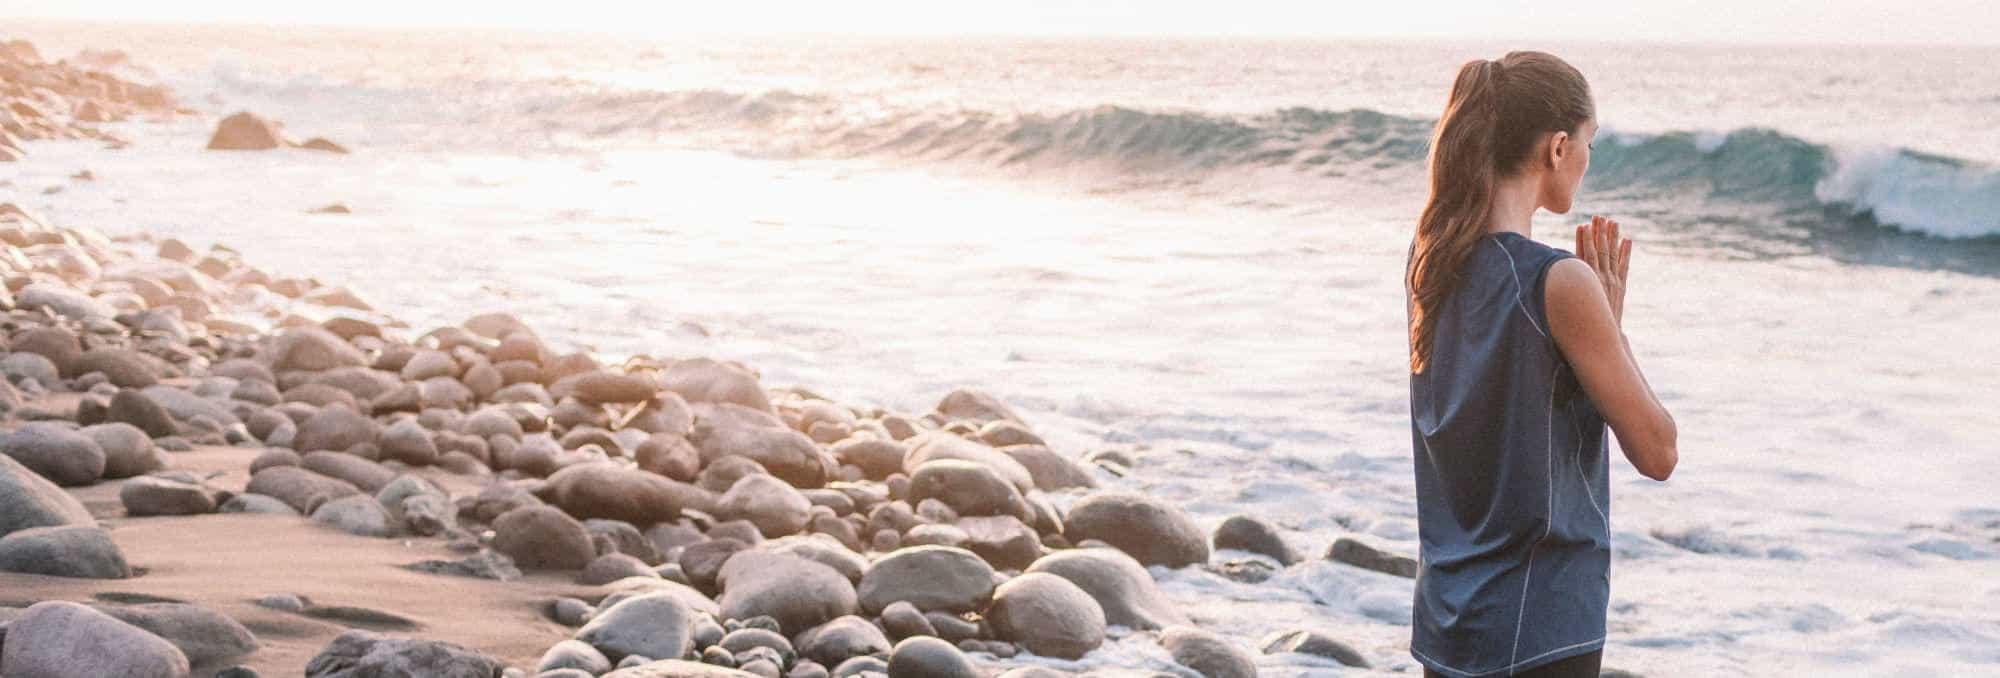 Learn How to Do a Basic Sun Salutation (11 Steps)